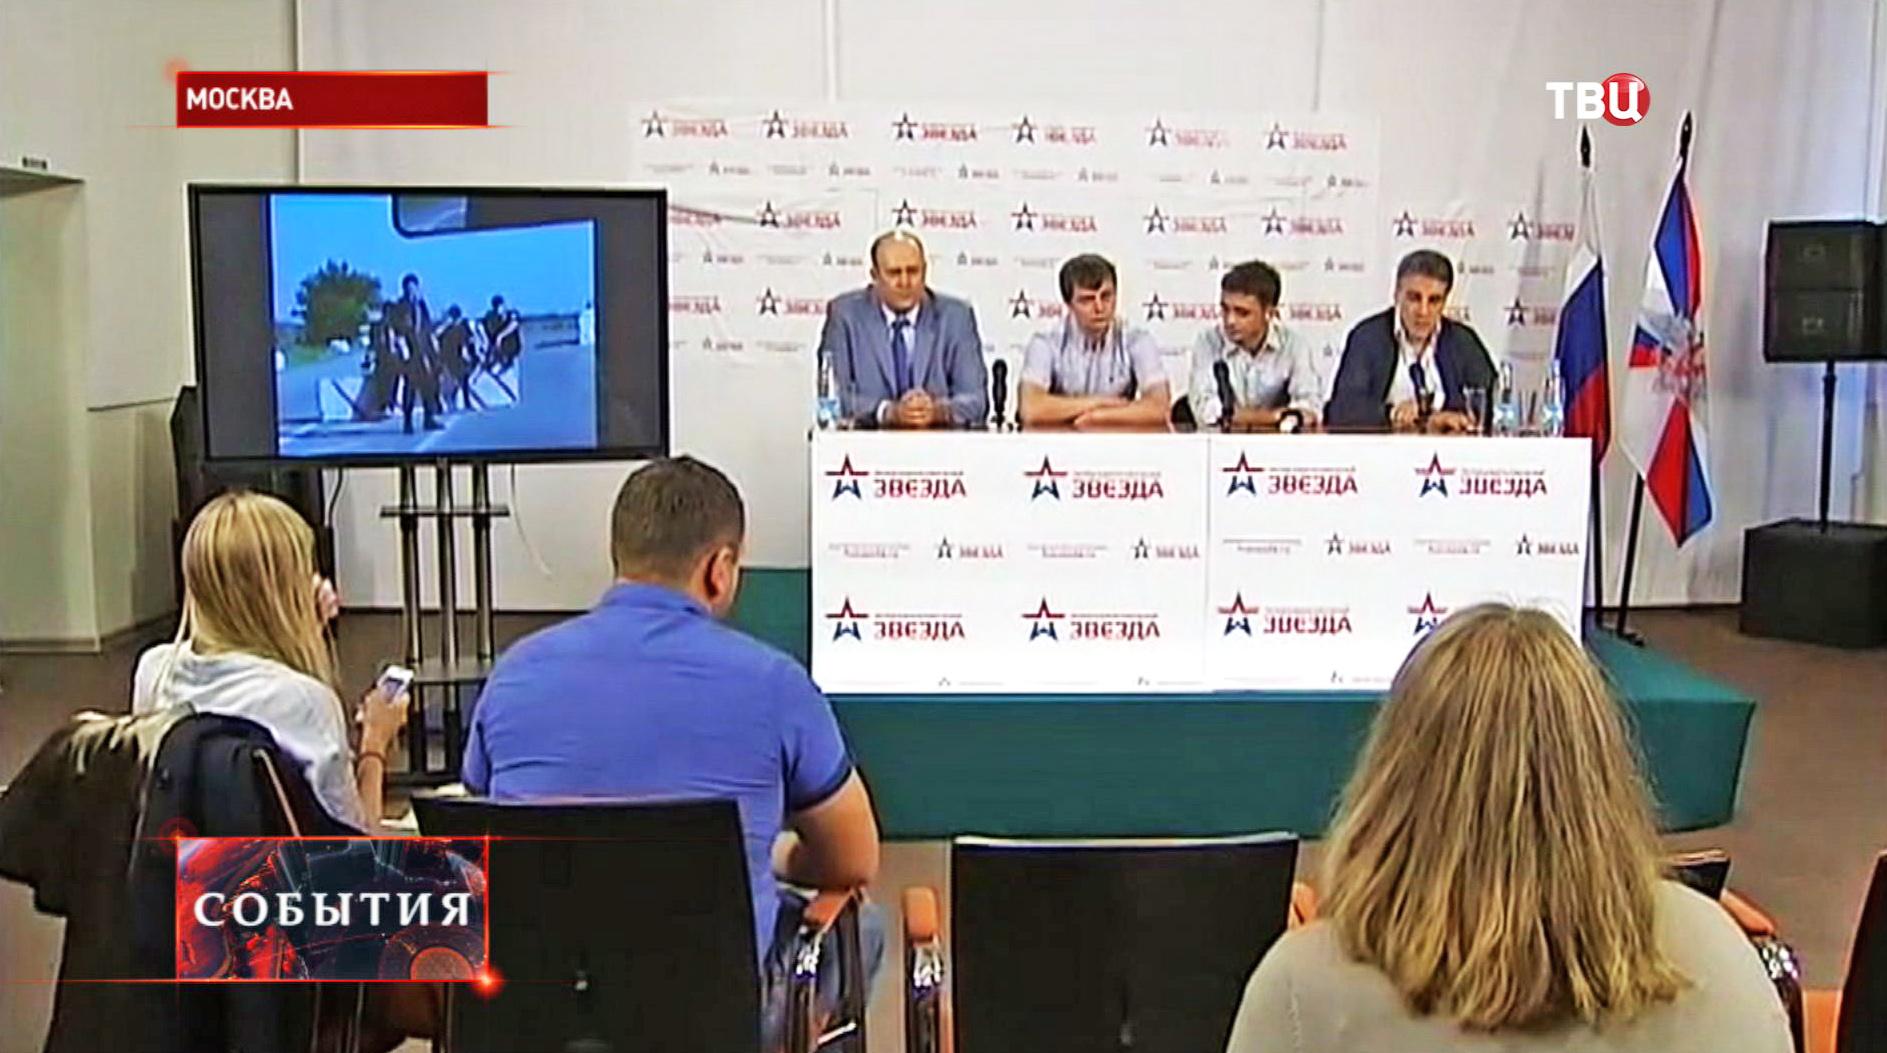 """Журналисты телеканала """"Звезда"""" Евгений Давыдов и Никита Конашенков на пресс-конференции"""